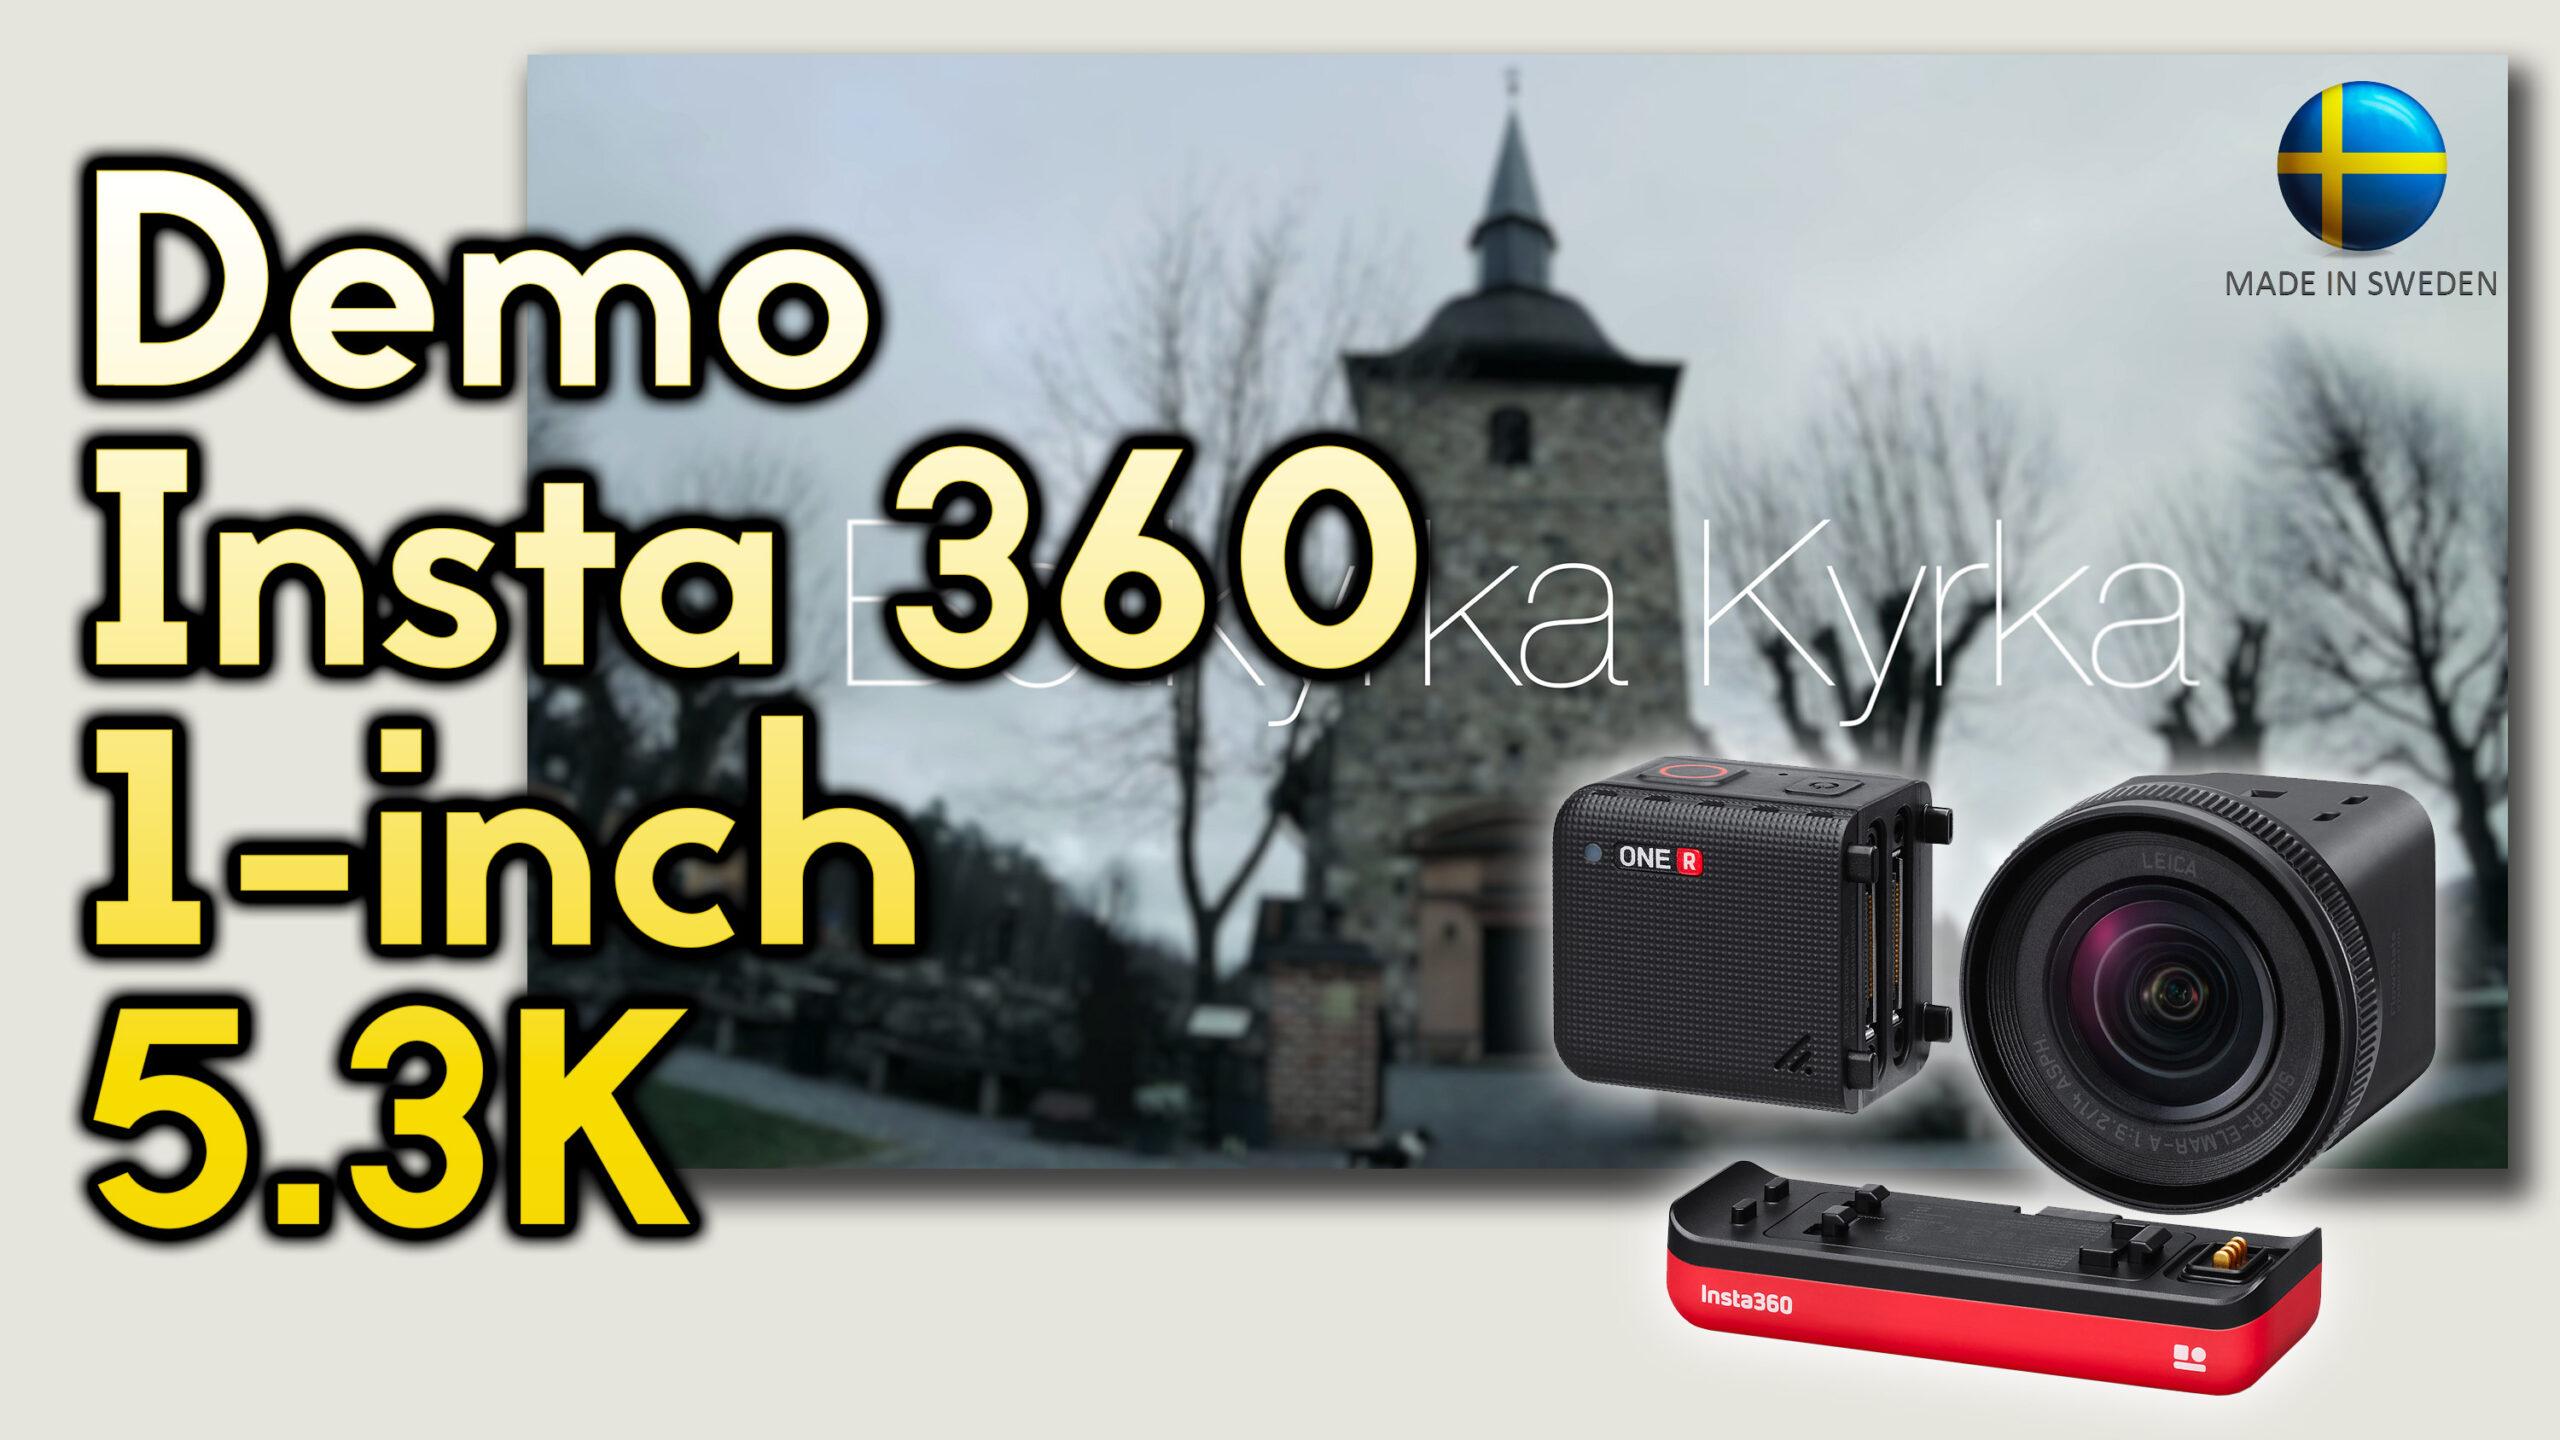 Demostración cinemática de la Insta360 ONE R – Módulo de 1 pulgada a 5.3K